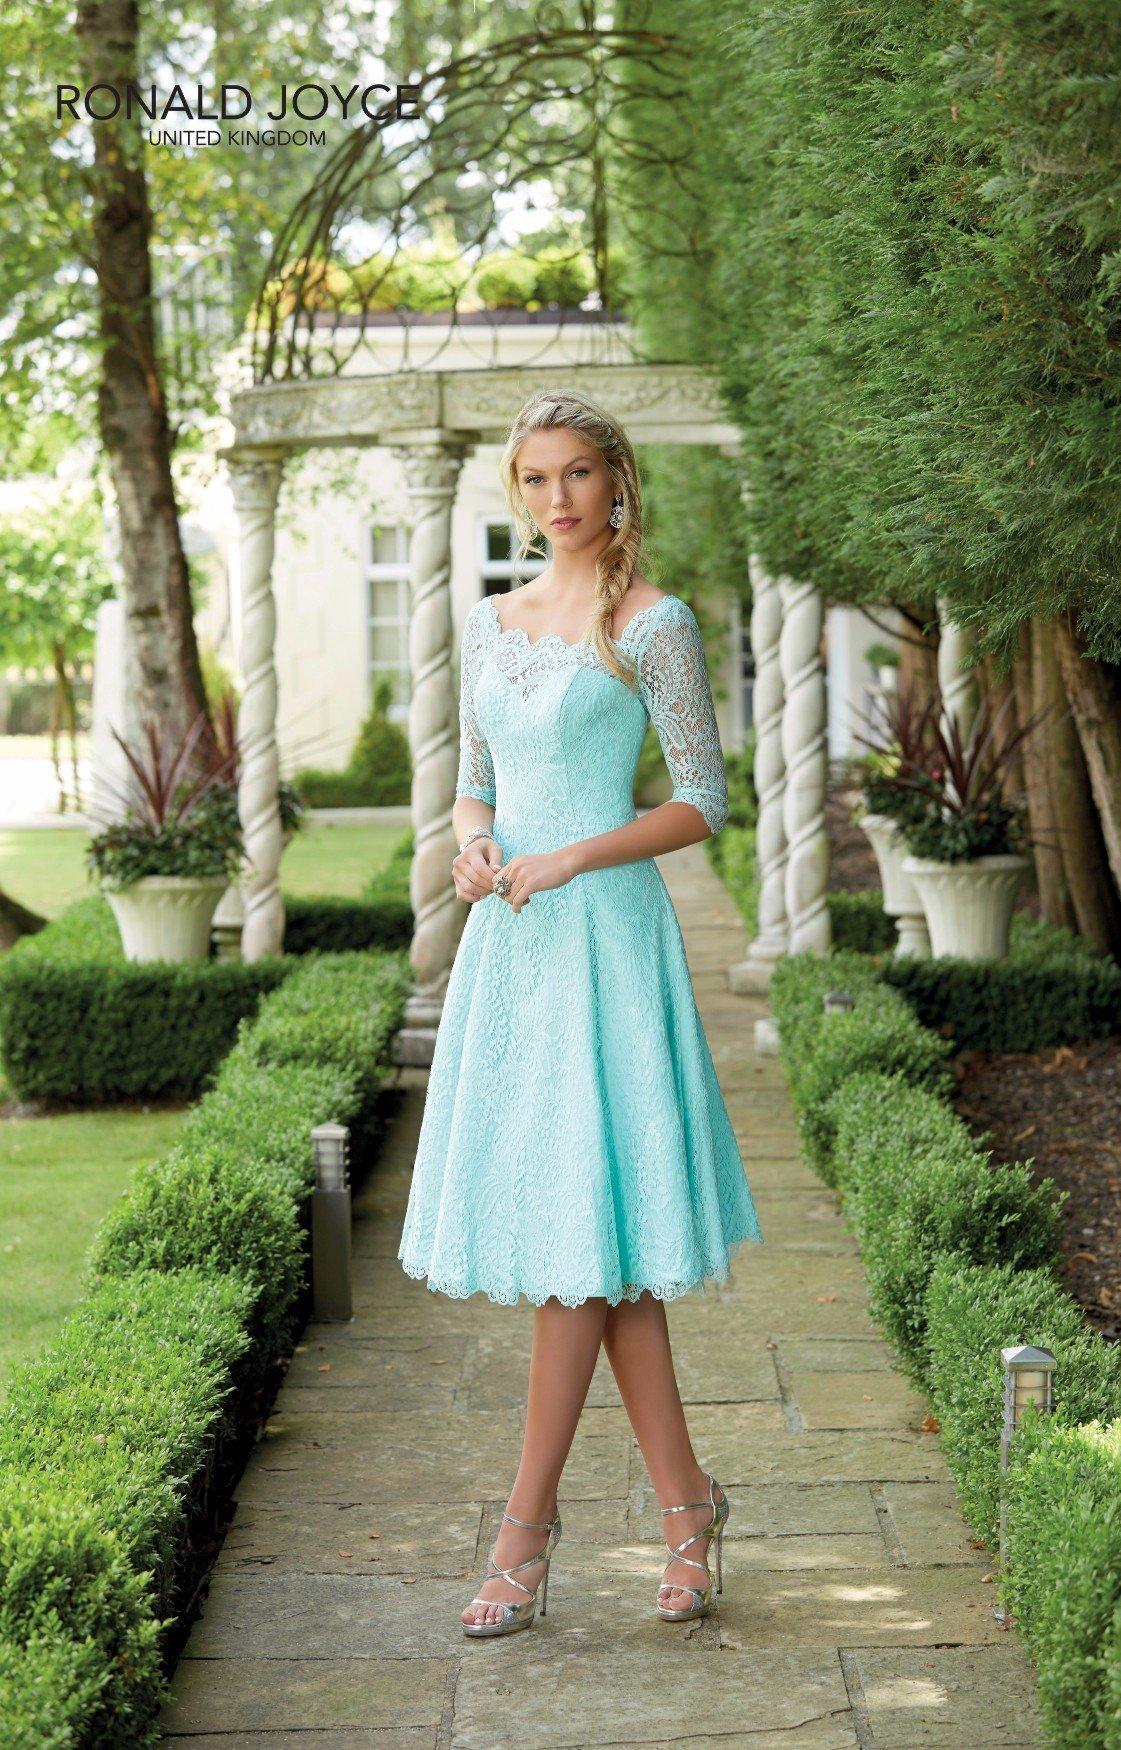 Completo da damigella in celeste, scarpe e vestito elegante